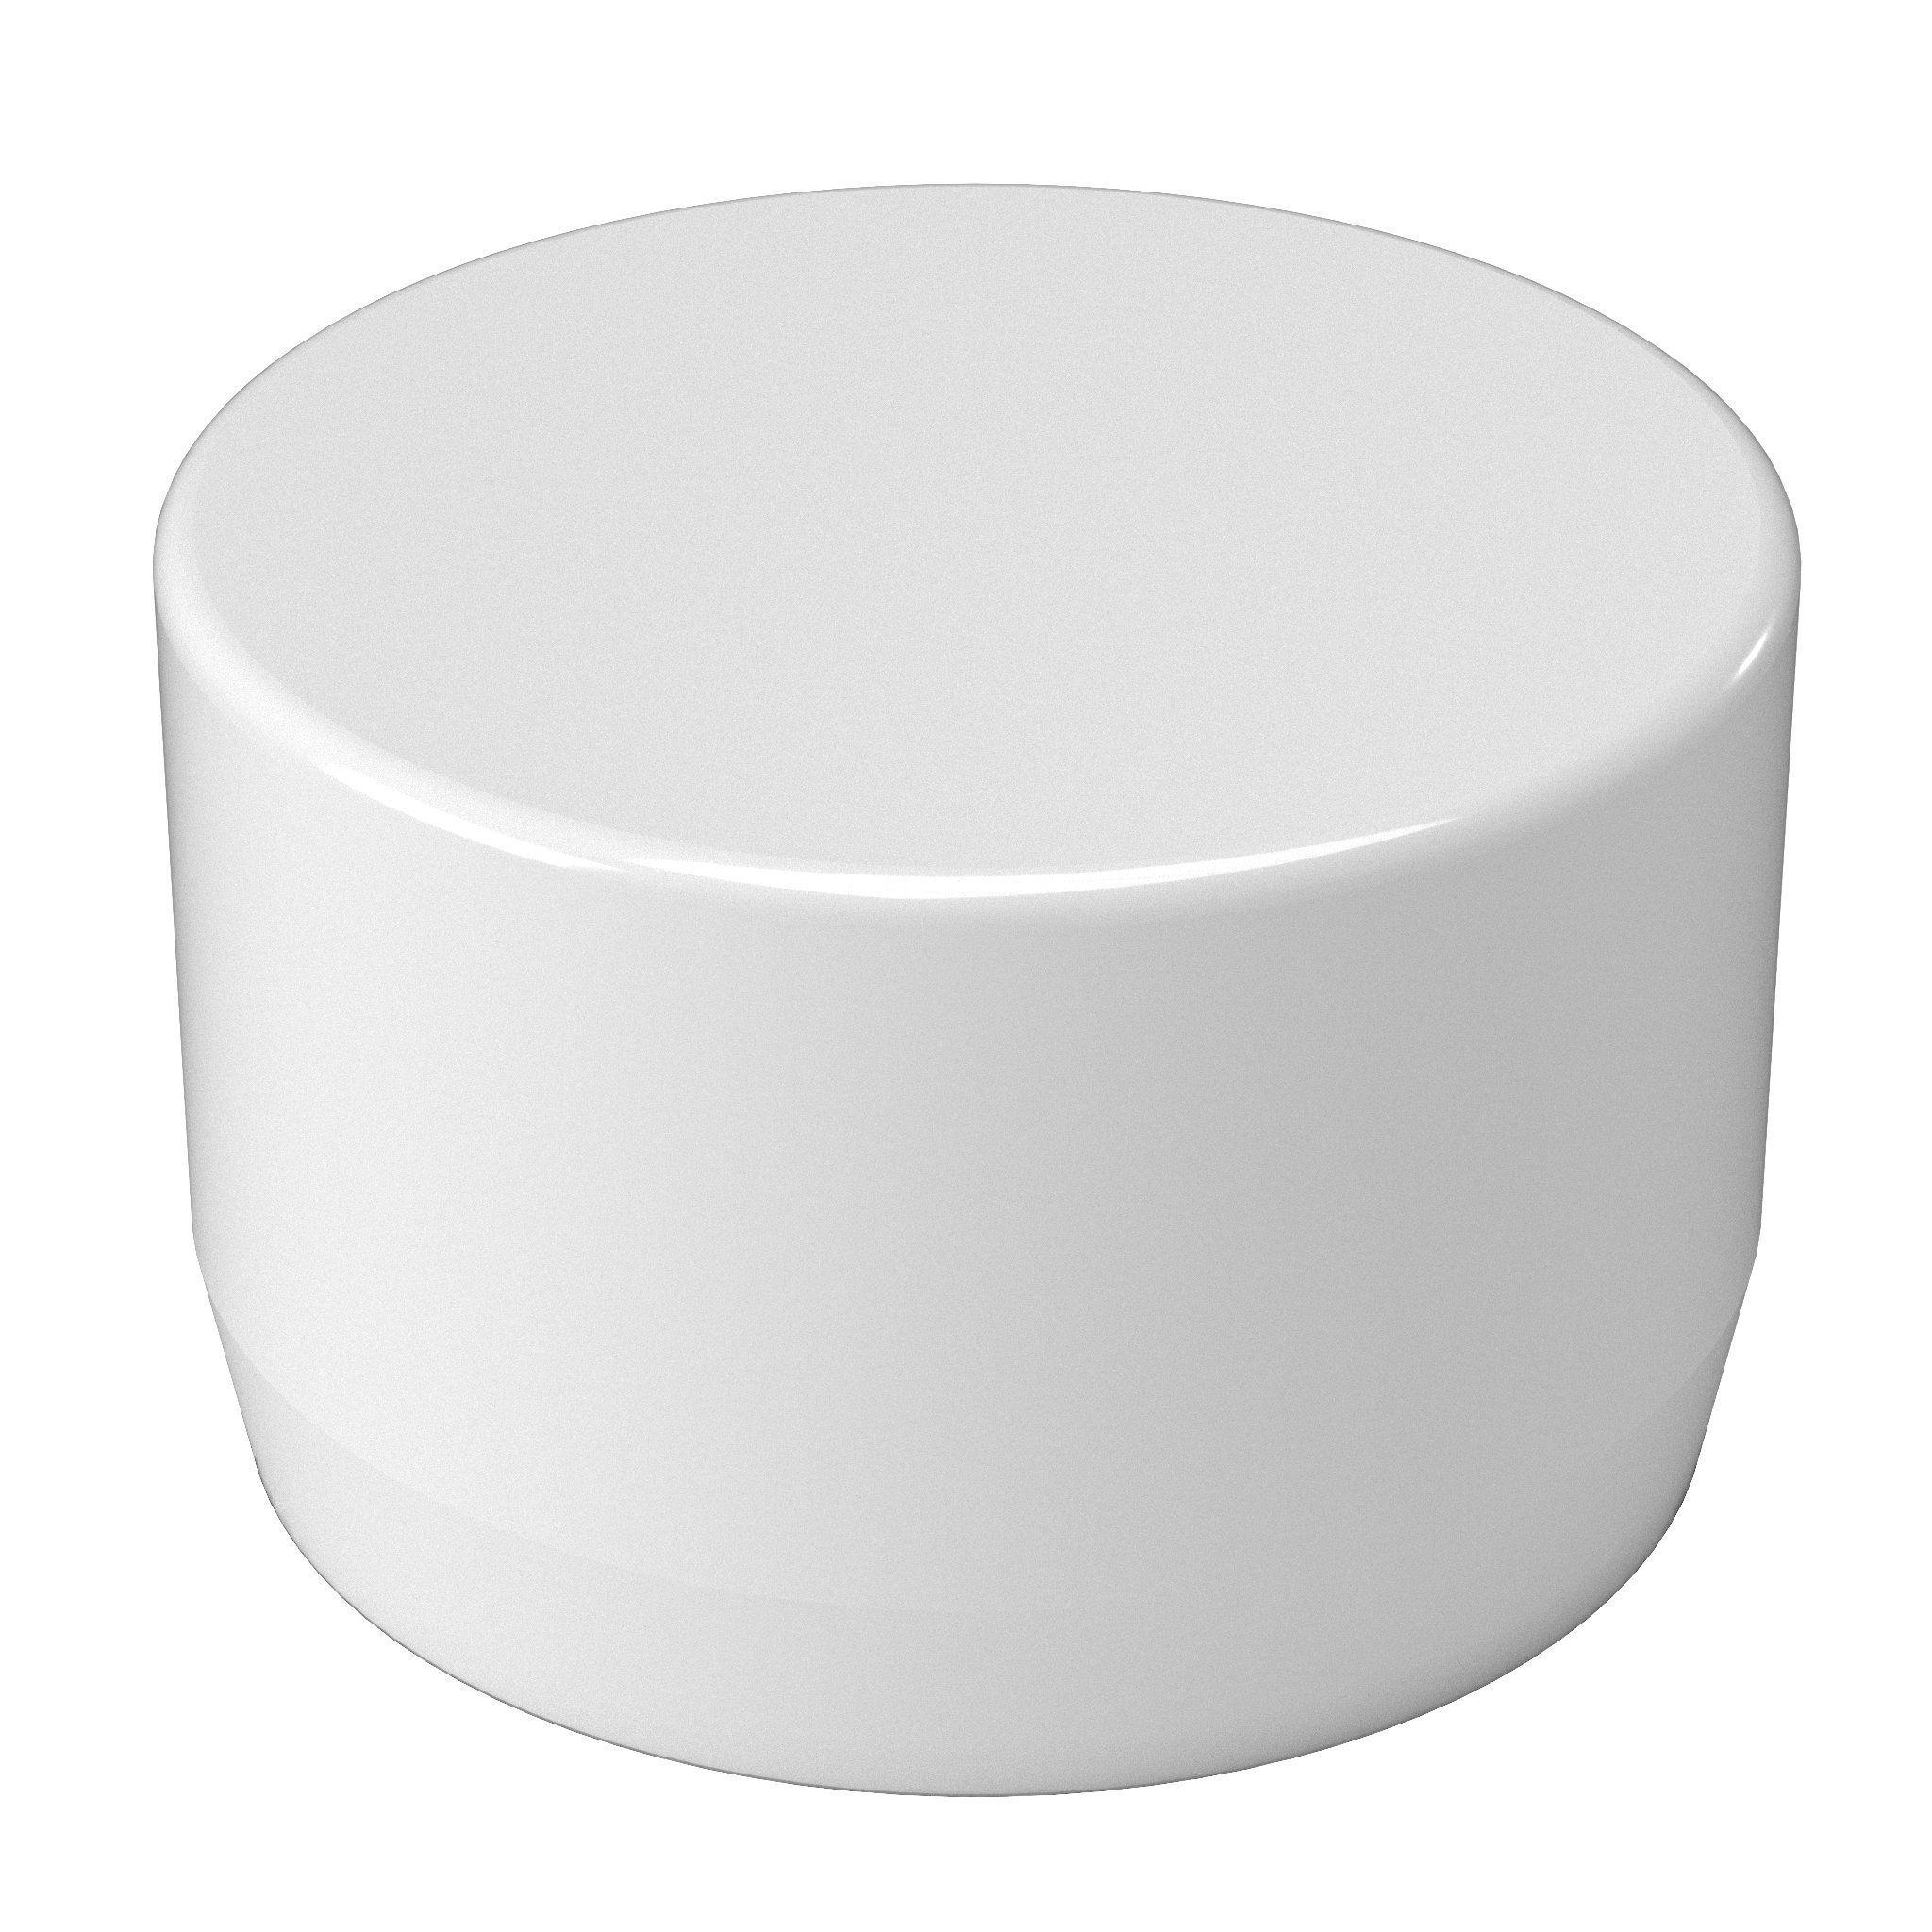 2 External PVC Flat End Cap